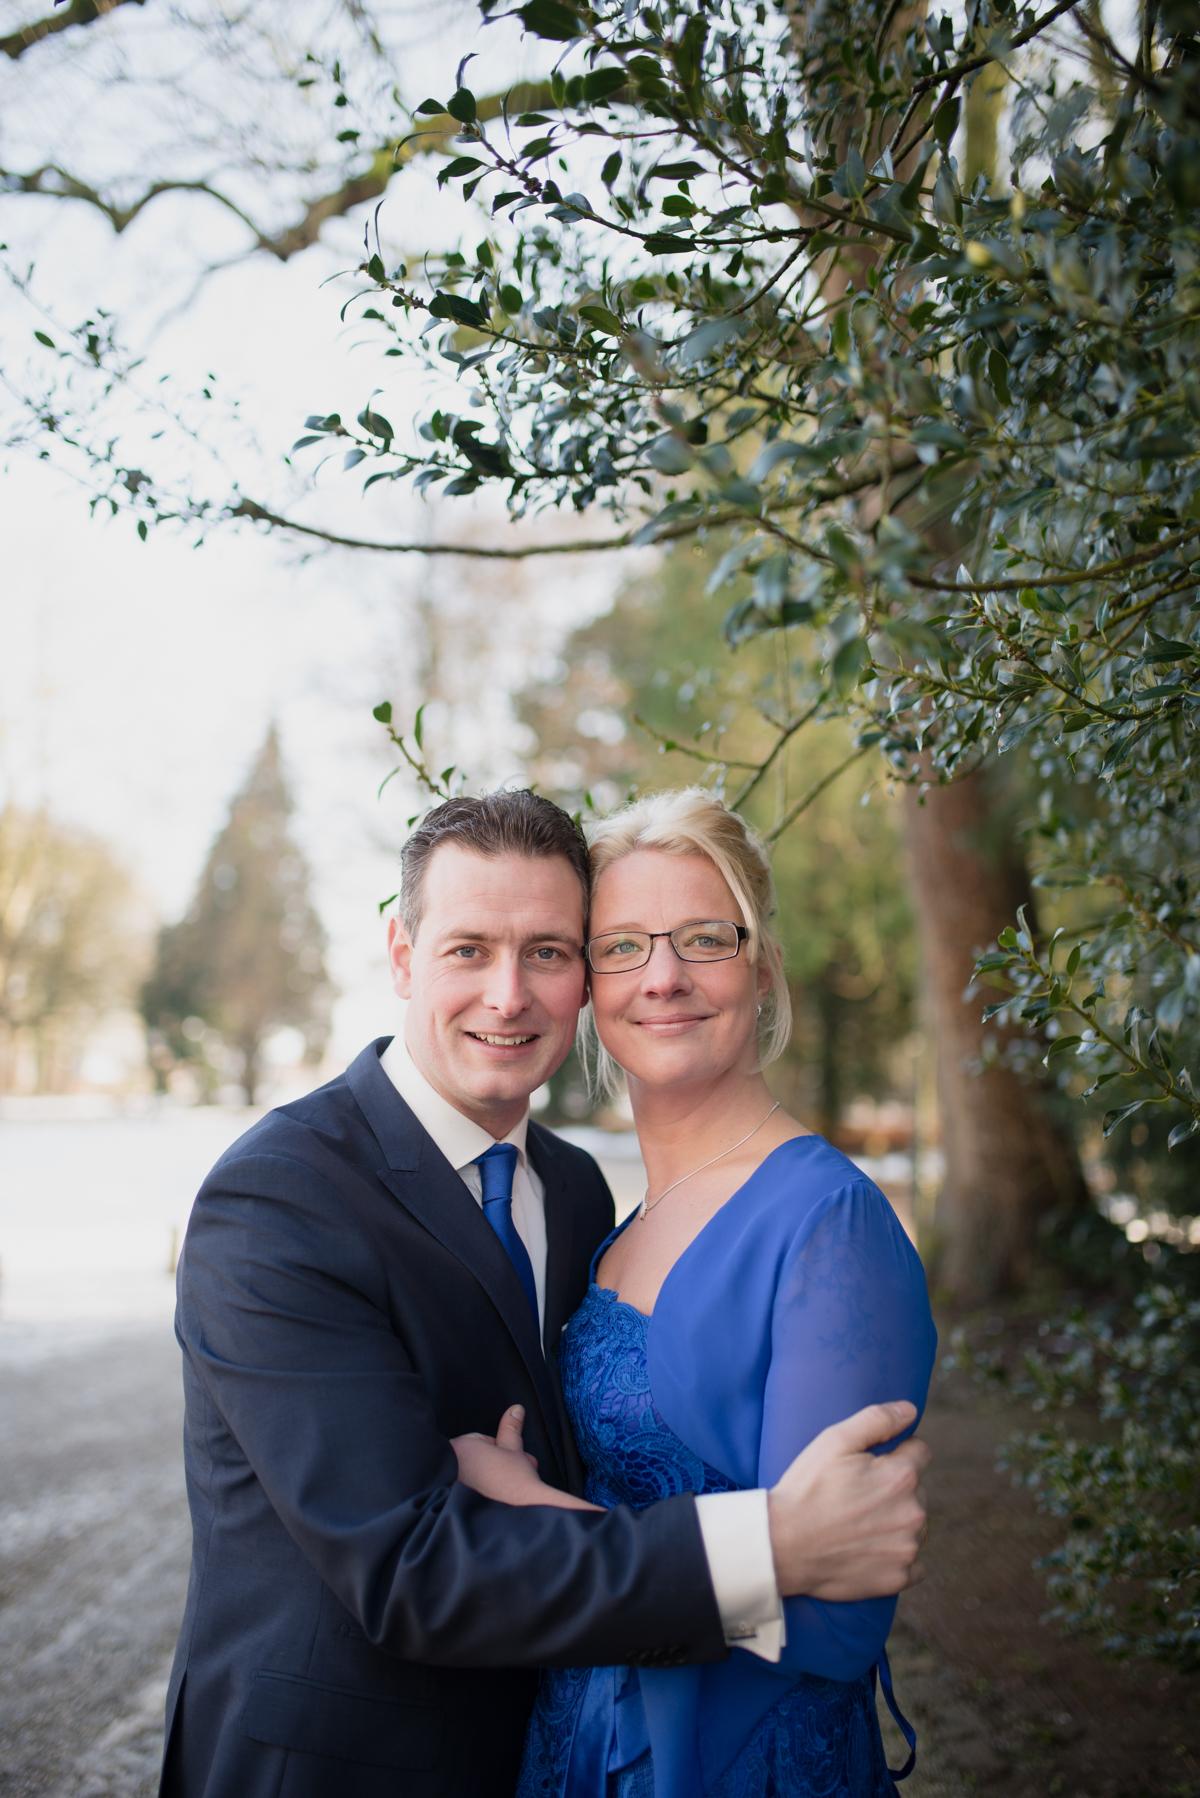 Fotografie van doop, belijdenis en trouwdienst van Janine en Arjen (12 van 55)